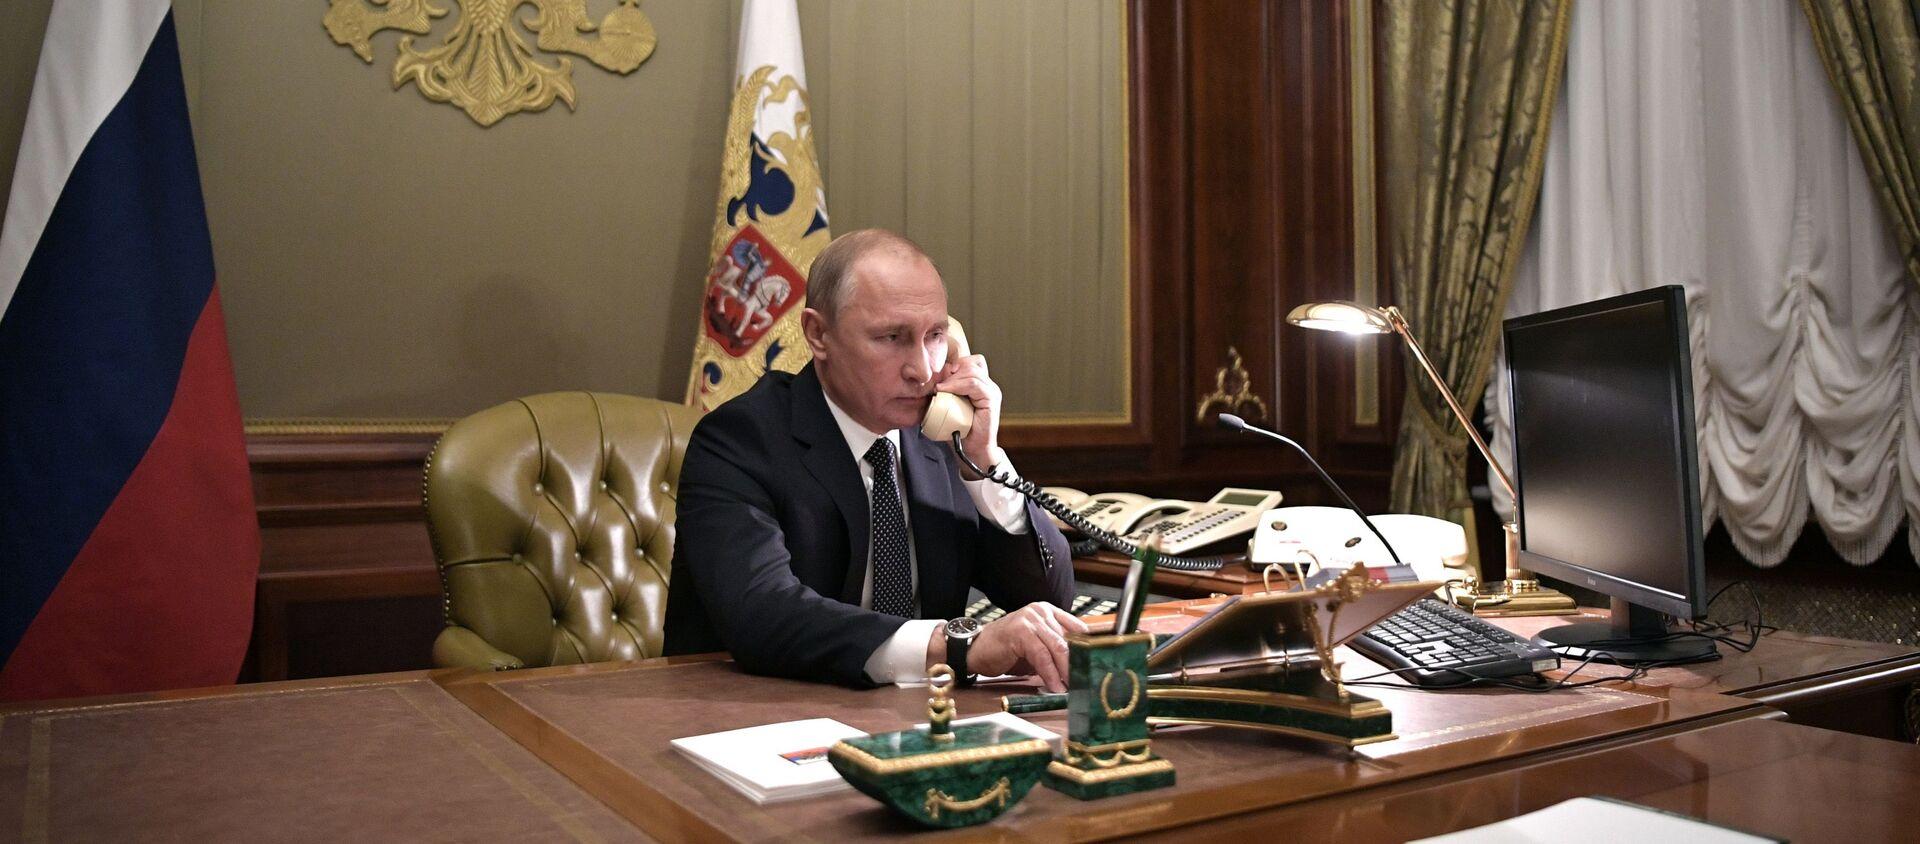 Władimir Putin w czasie rozmowy telefonicznej - Sputnik Polska, 1920, 07.06.2021